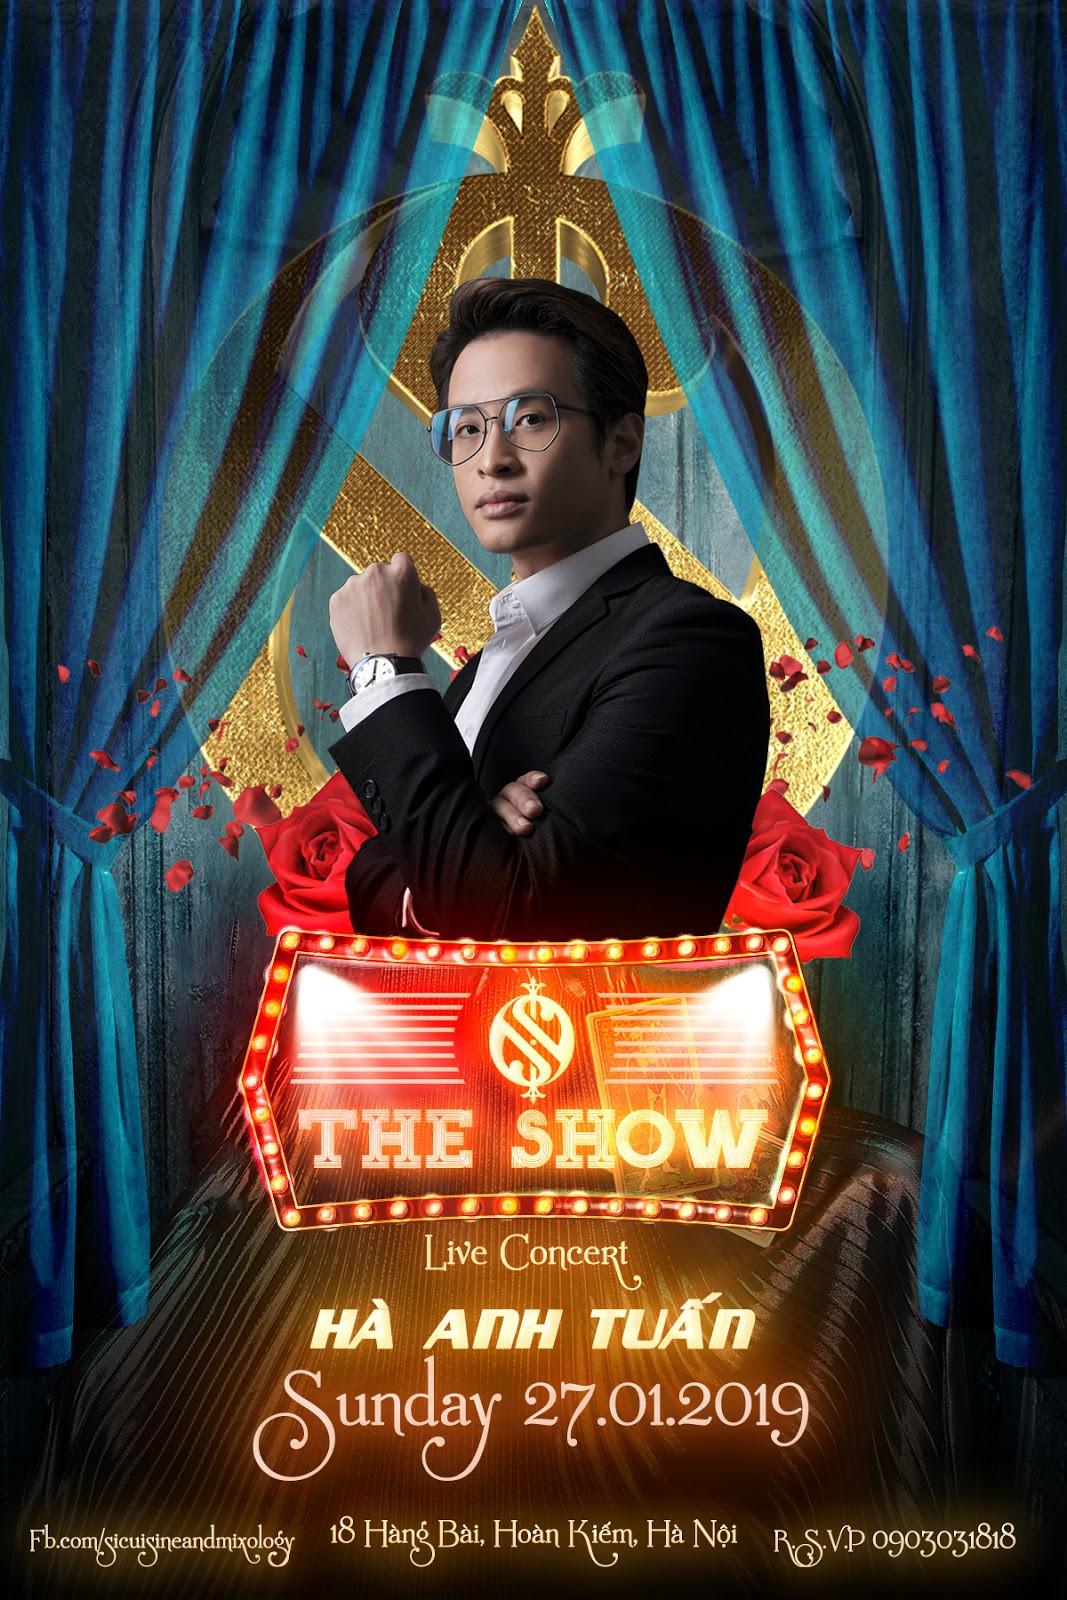 Về Hà Nội đón tết, Hà Anh Tuấn được mời biểu diễn tại đêm nhạc đặc biệt - Ảnh 1.